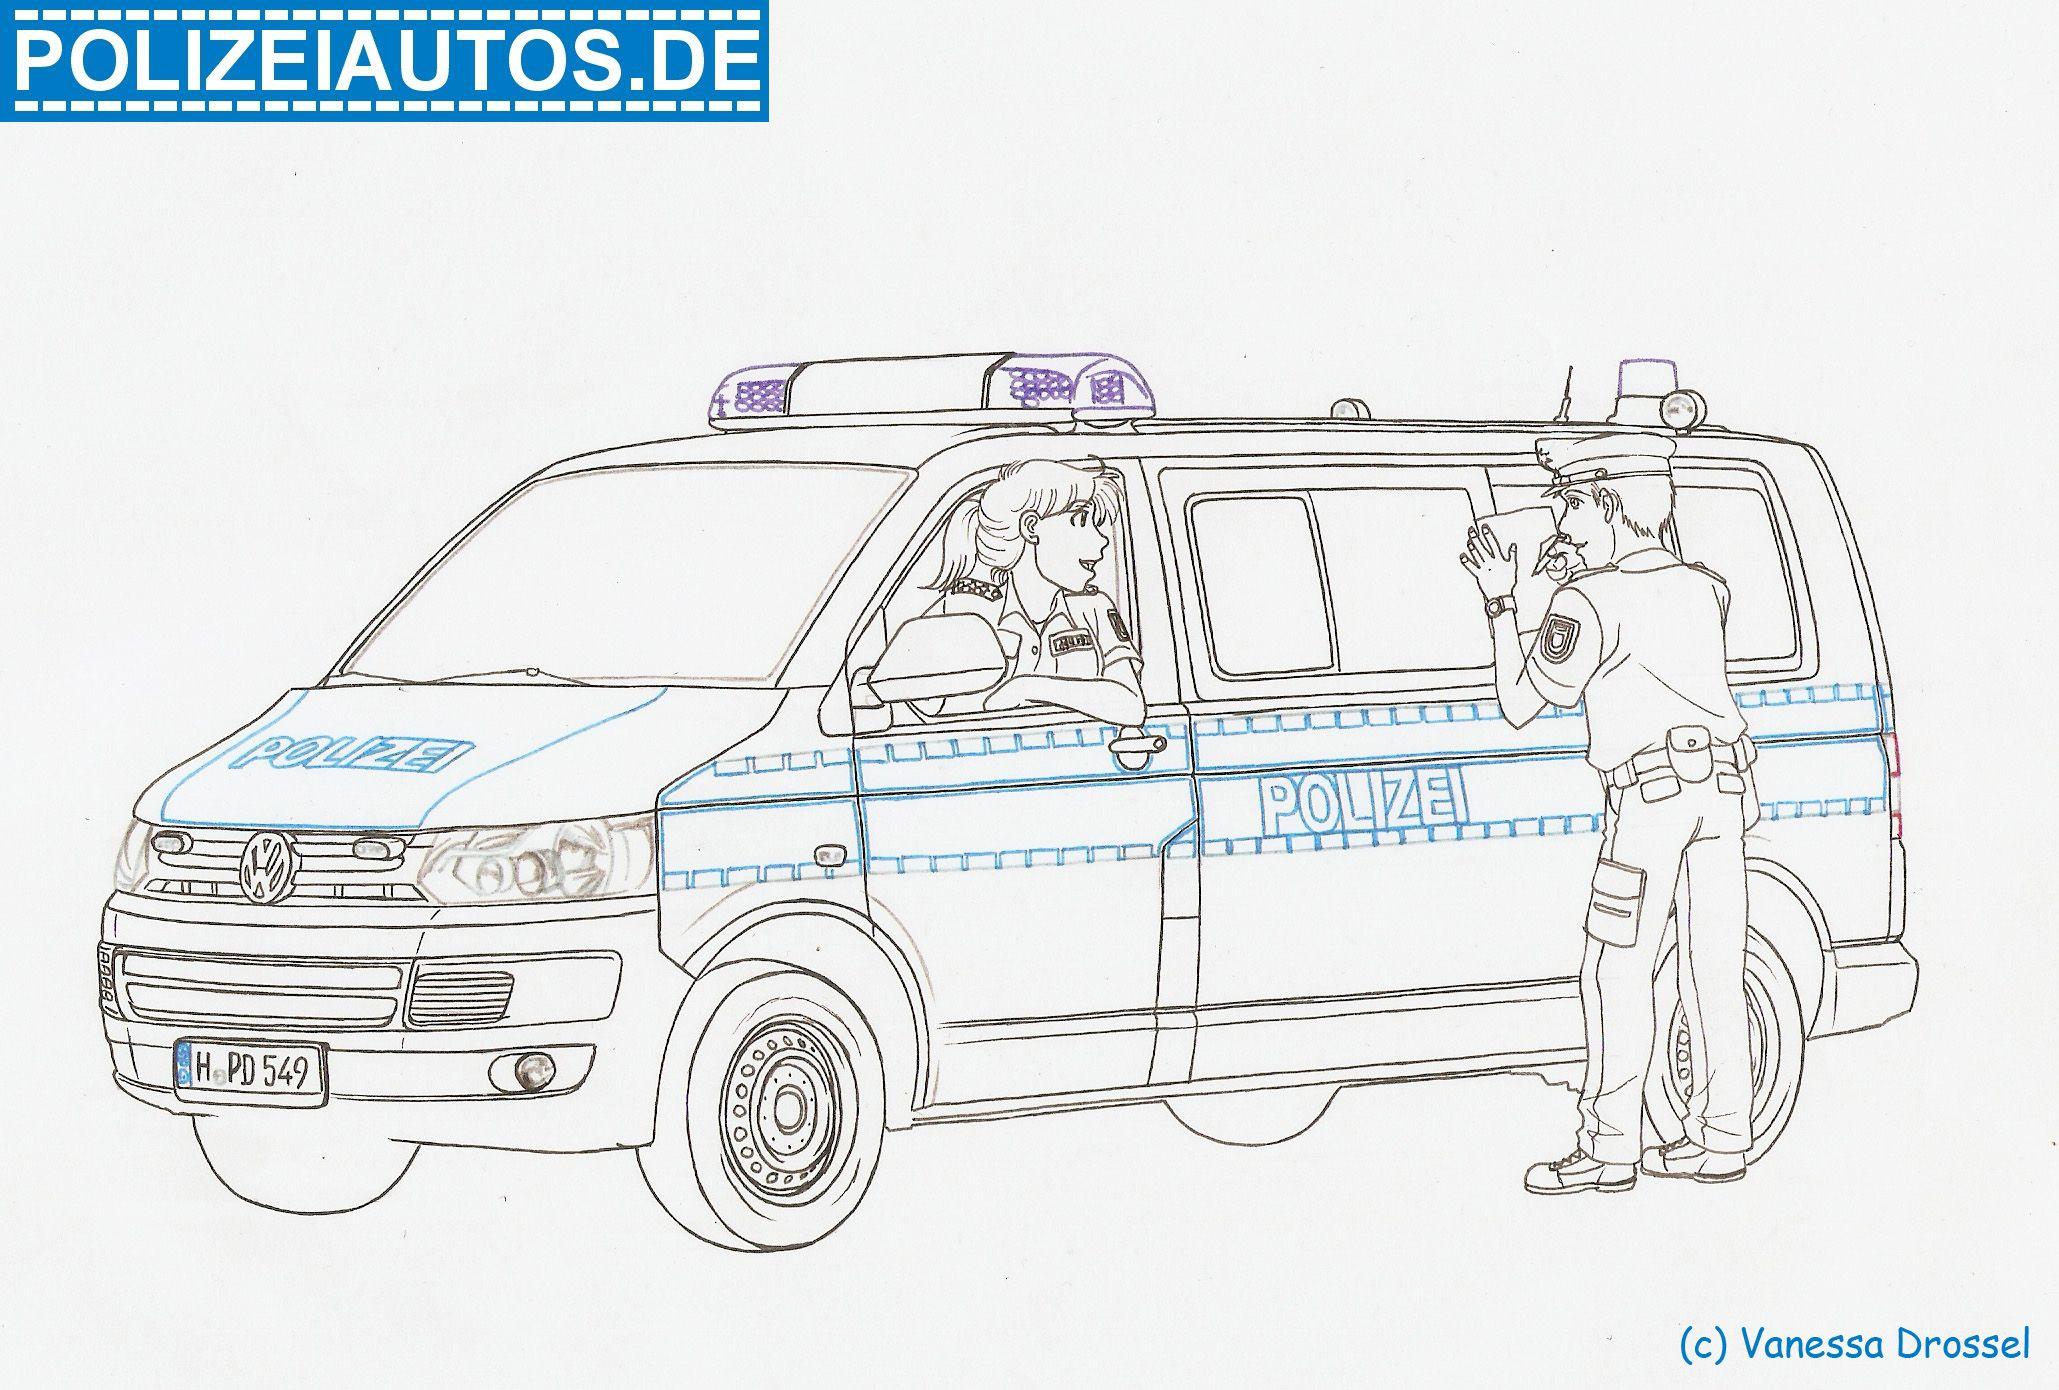 Ausmalbilder Polizei Autos 01 (Mit Bildern) | Ausmalen ganzes Polizei Ausmalbilder